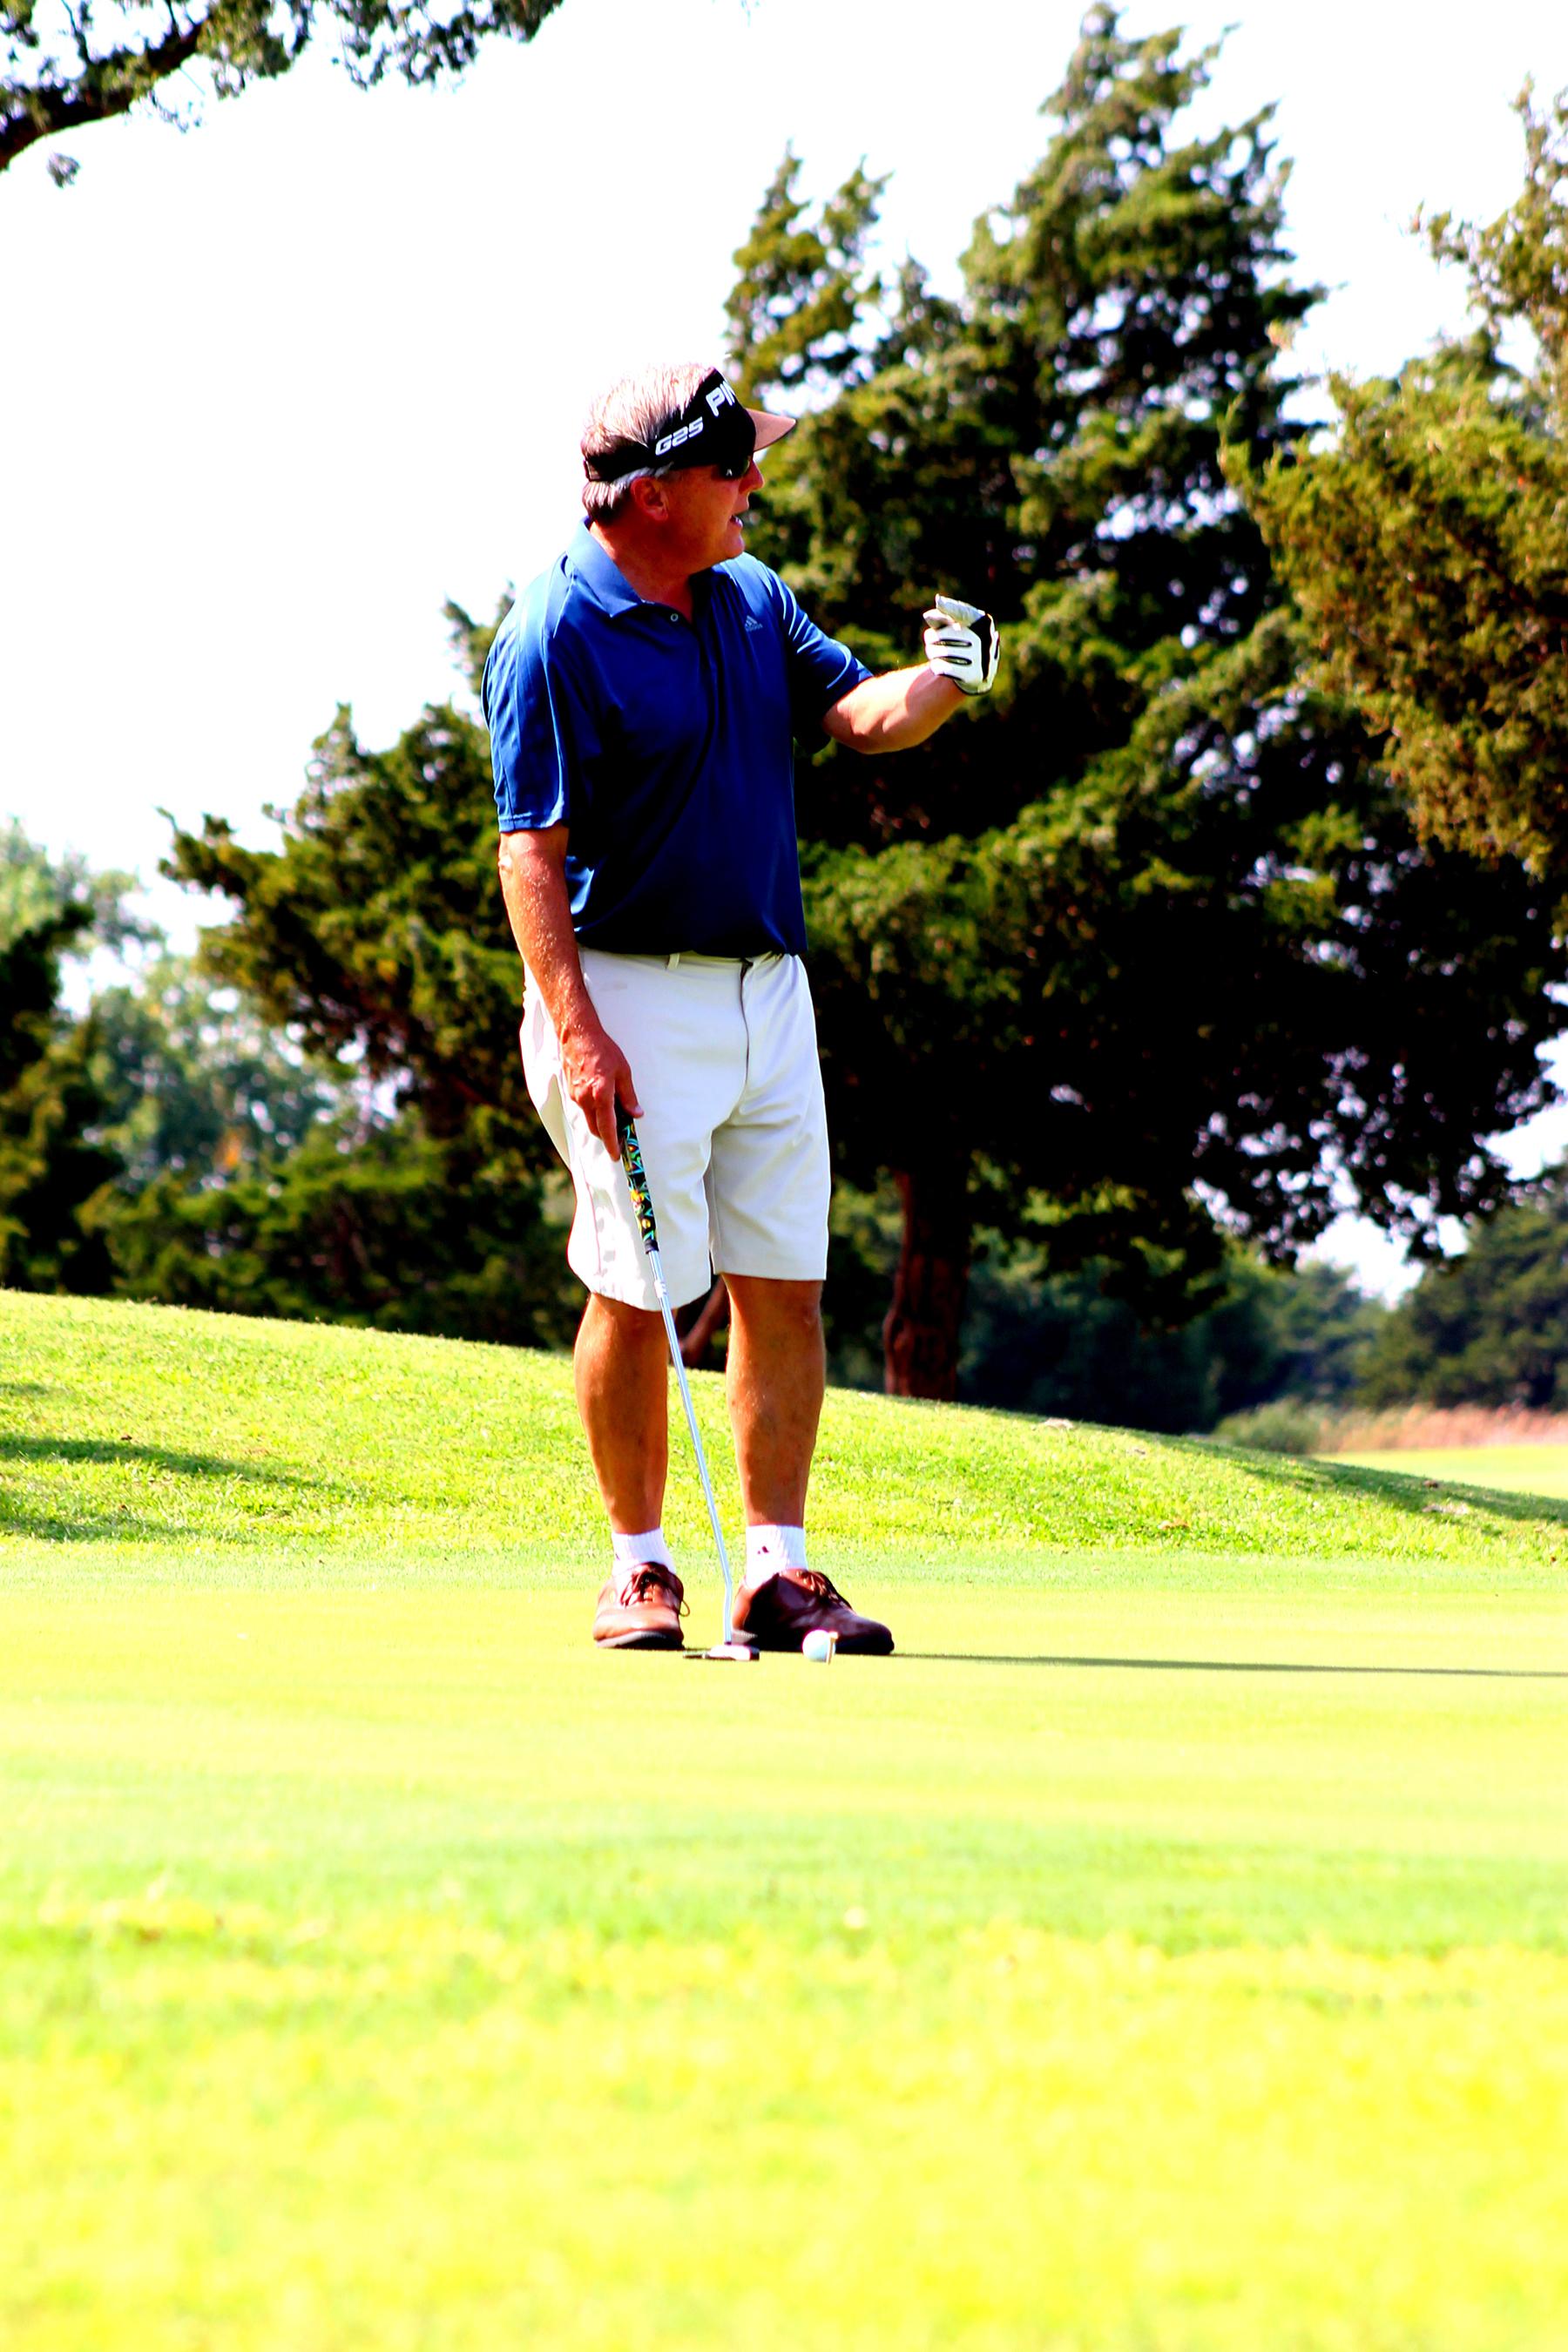 075-nari golf 2017 184